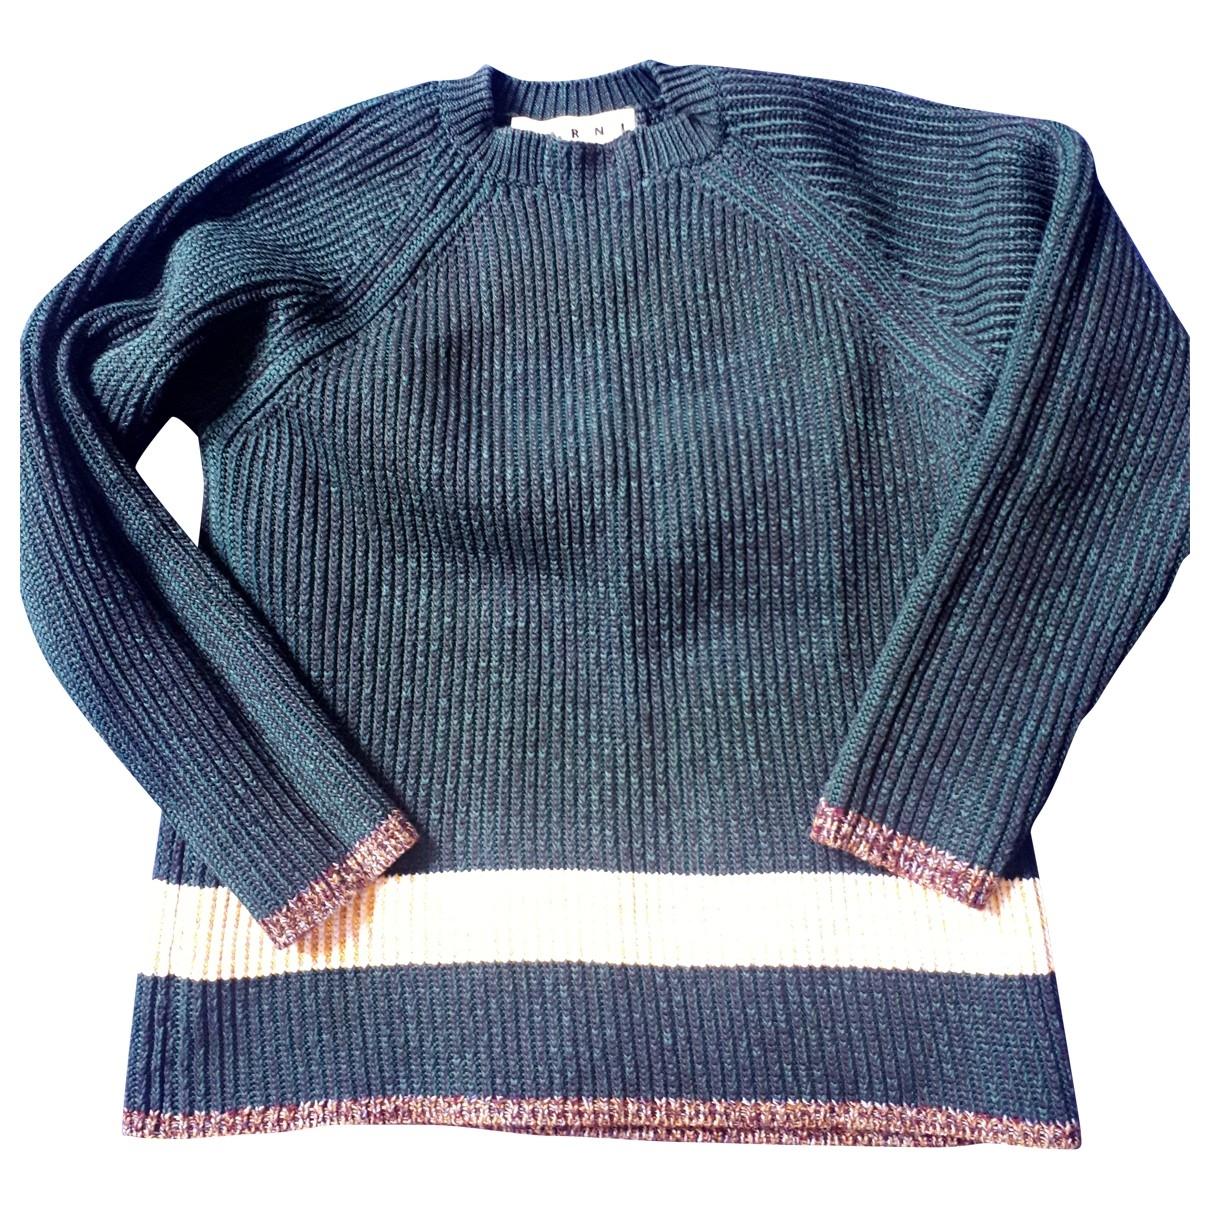 Marni - Pulls.Gilets.Sweats   pour homme en coton - vert